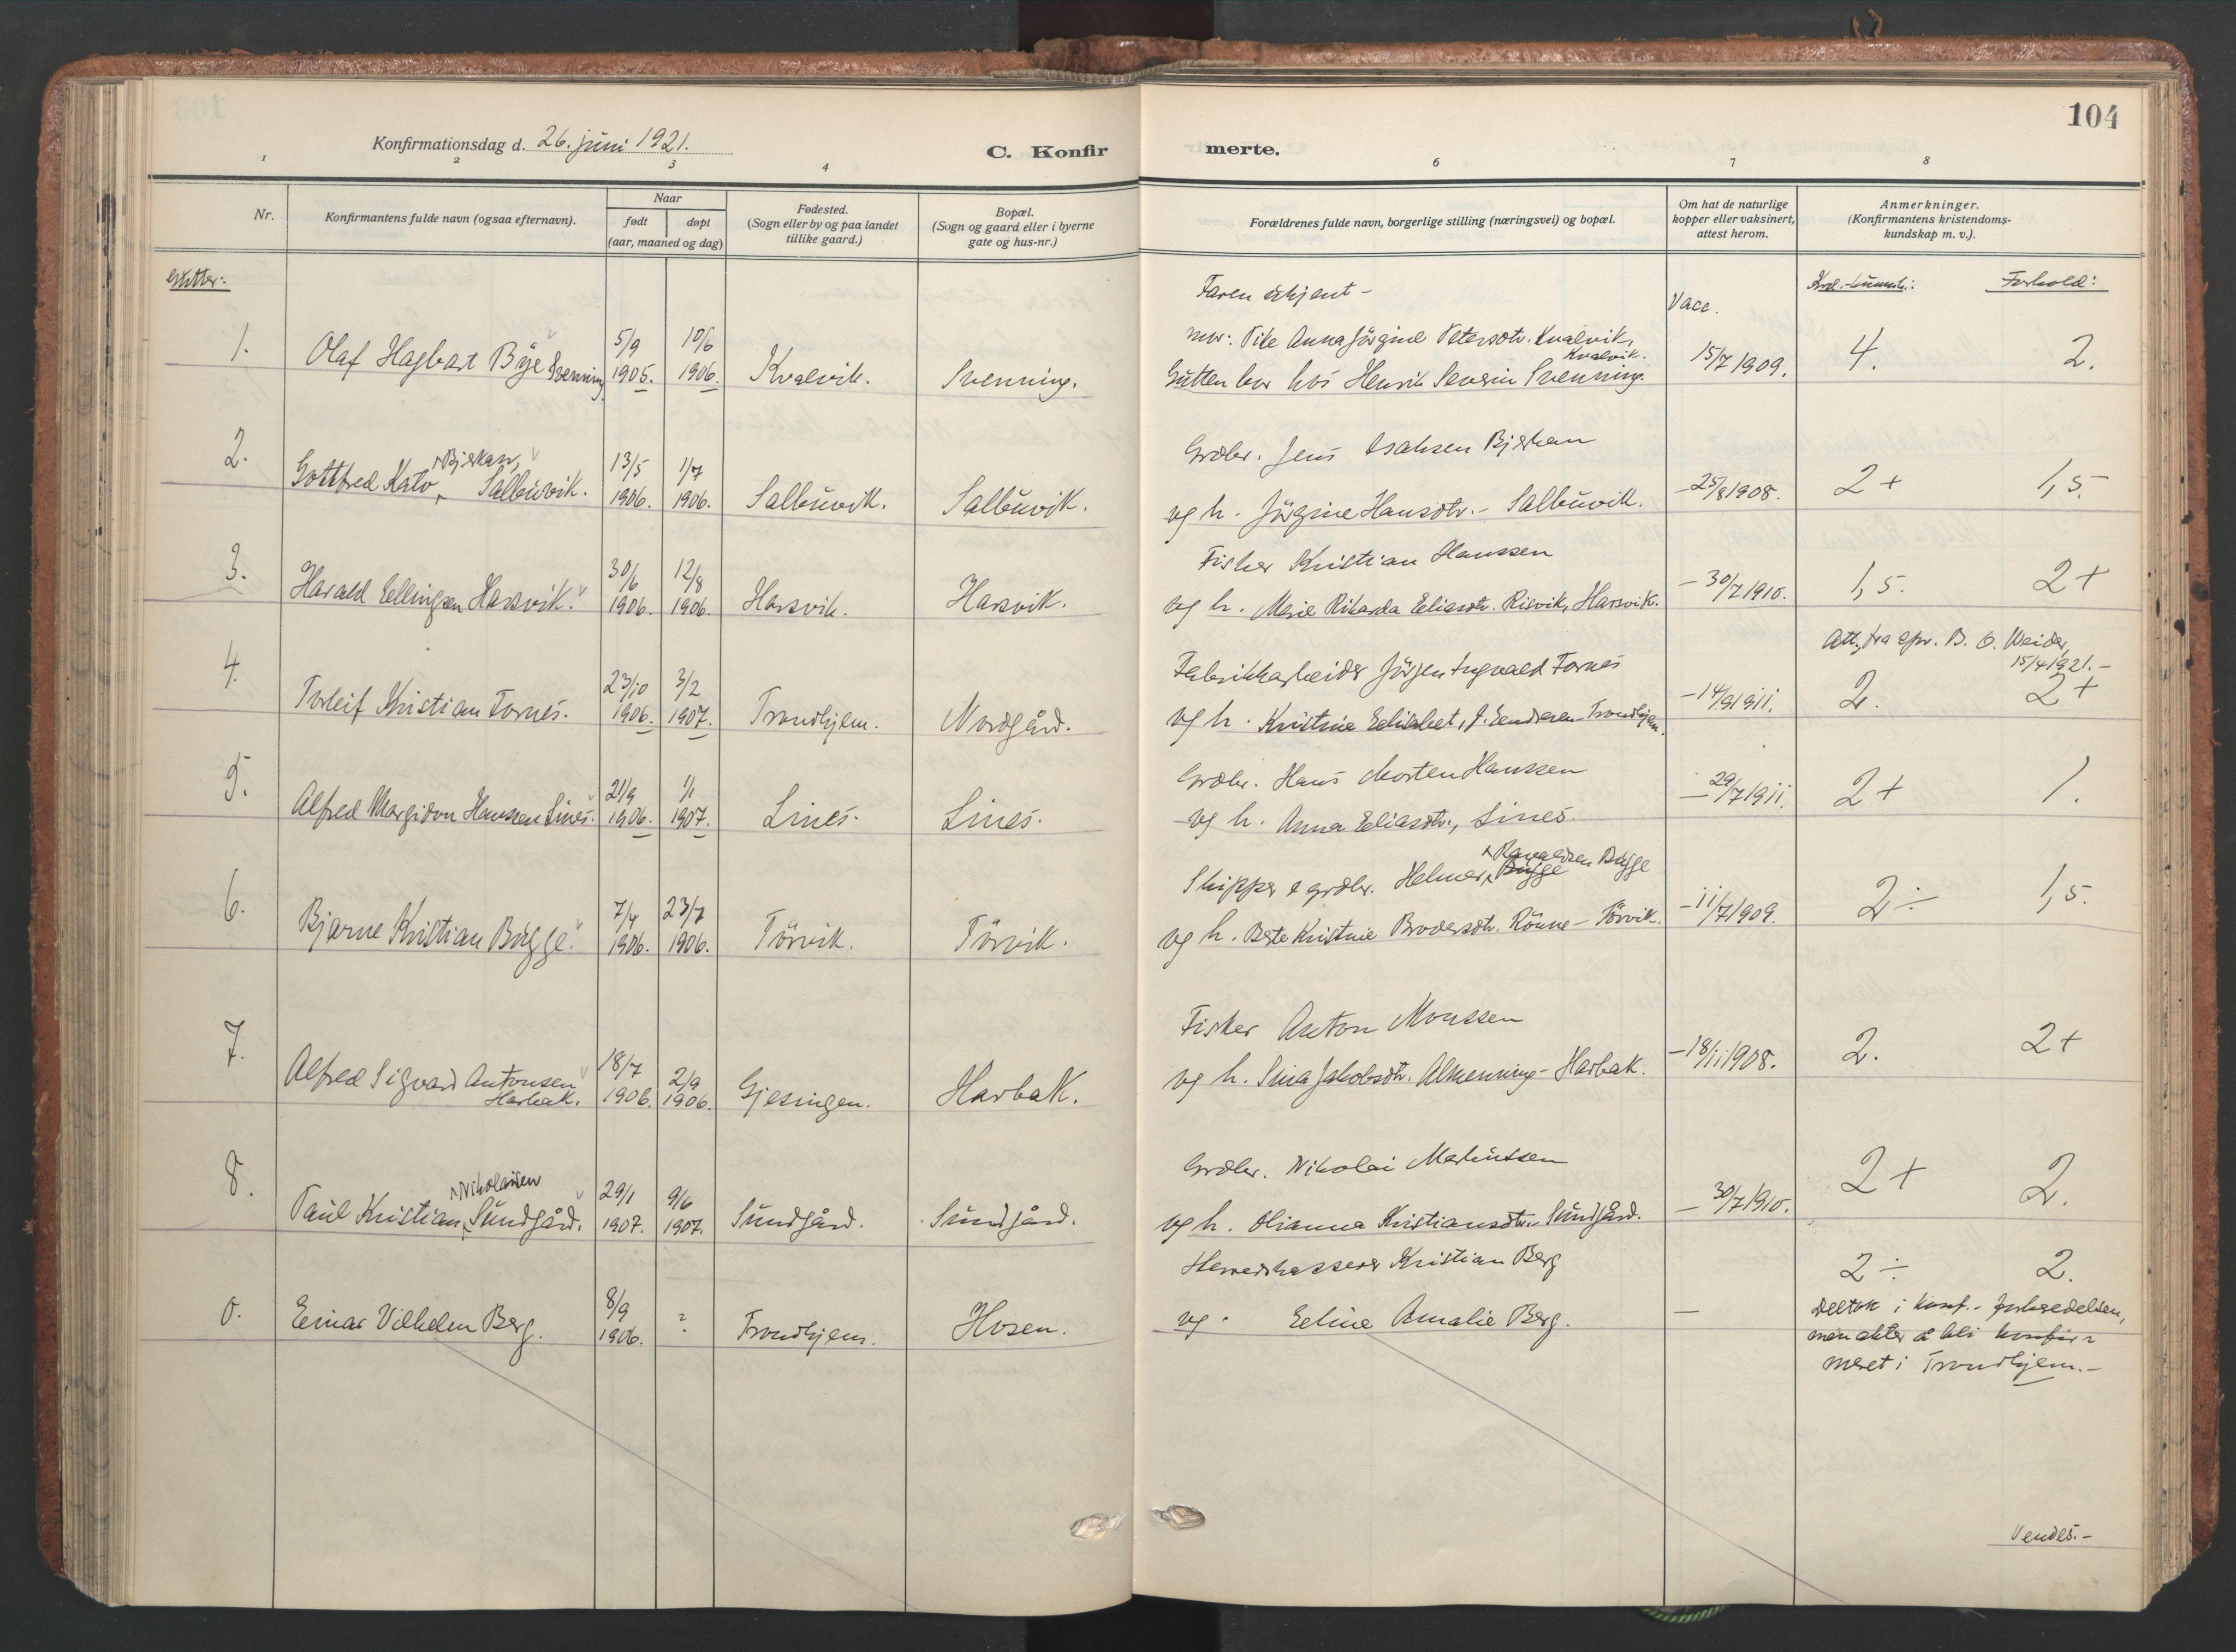 SAT, Ministerialprotokoller, klokkerbøker og fødselsregistre - Sør-Trøndelag, 656/L0694: Ministerialbok nr. 656A03, 1914-1931, s. 104